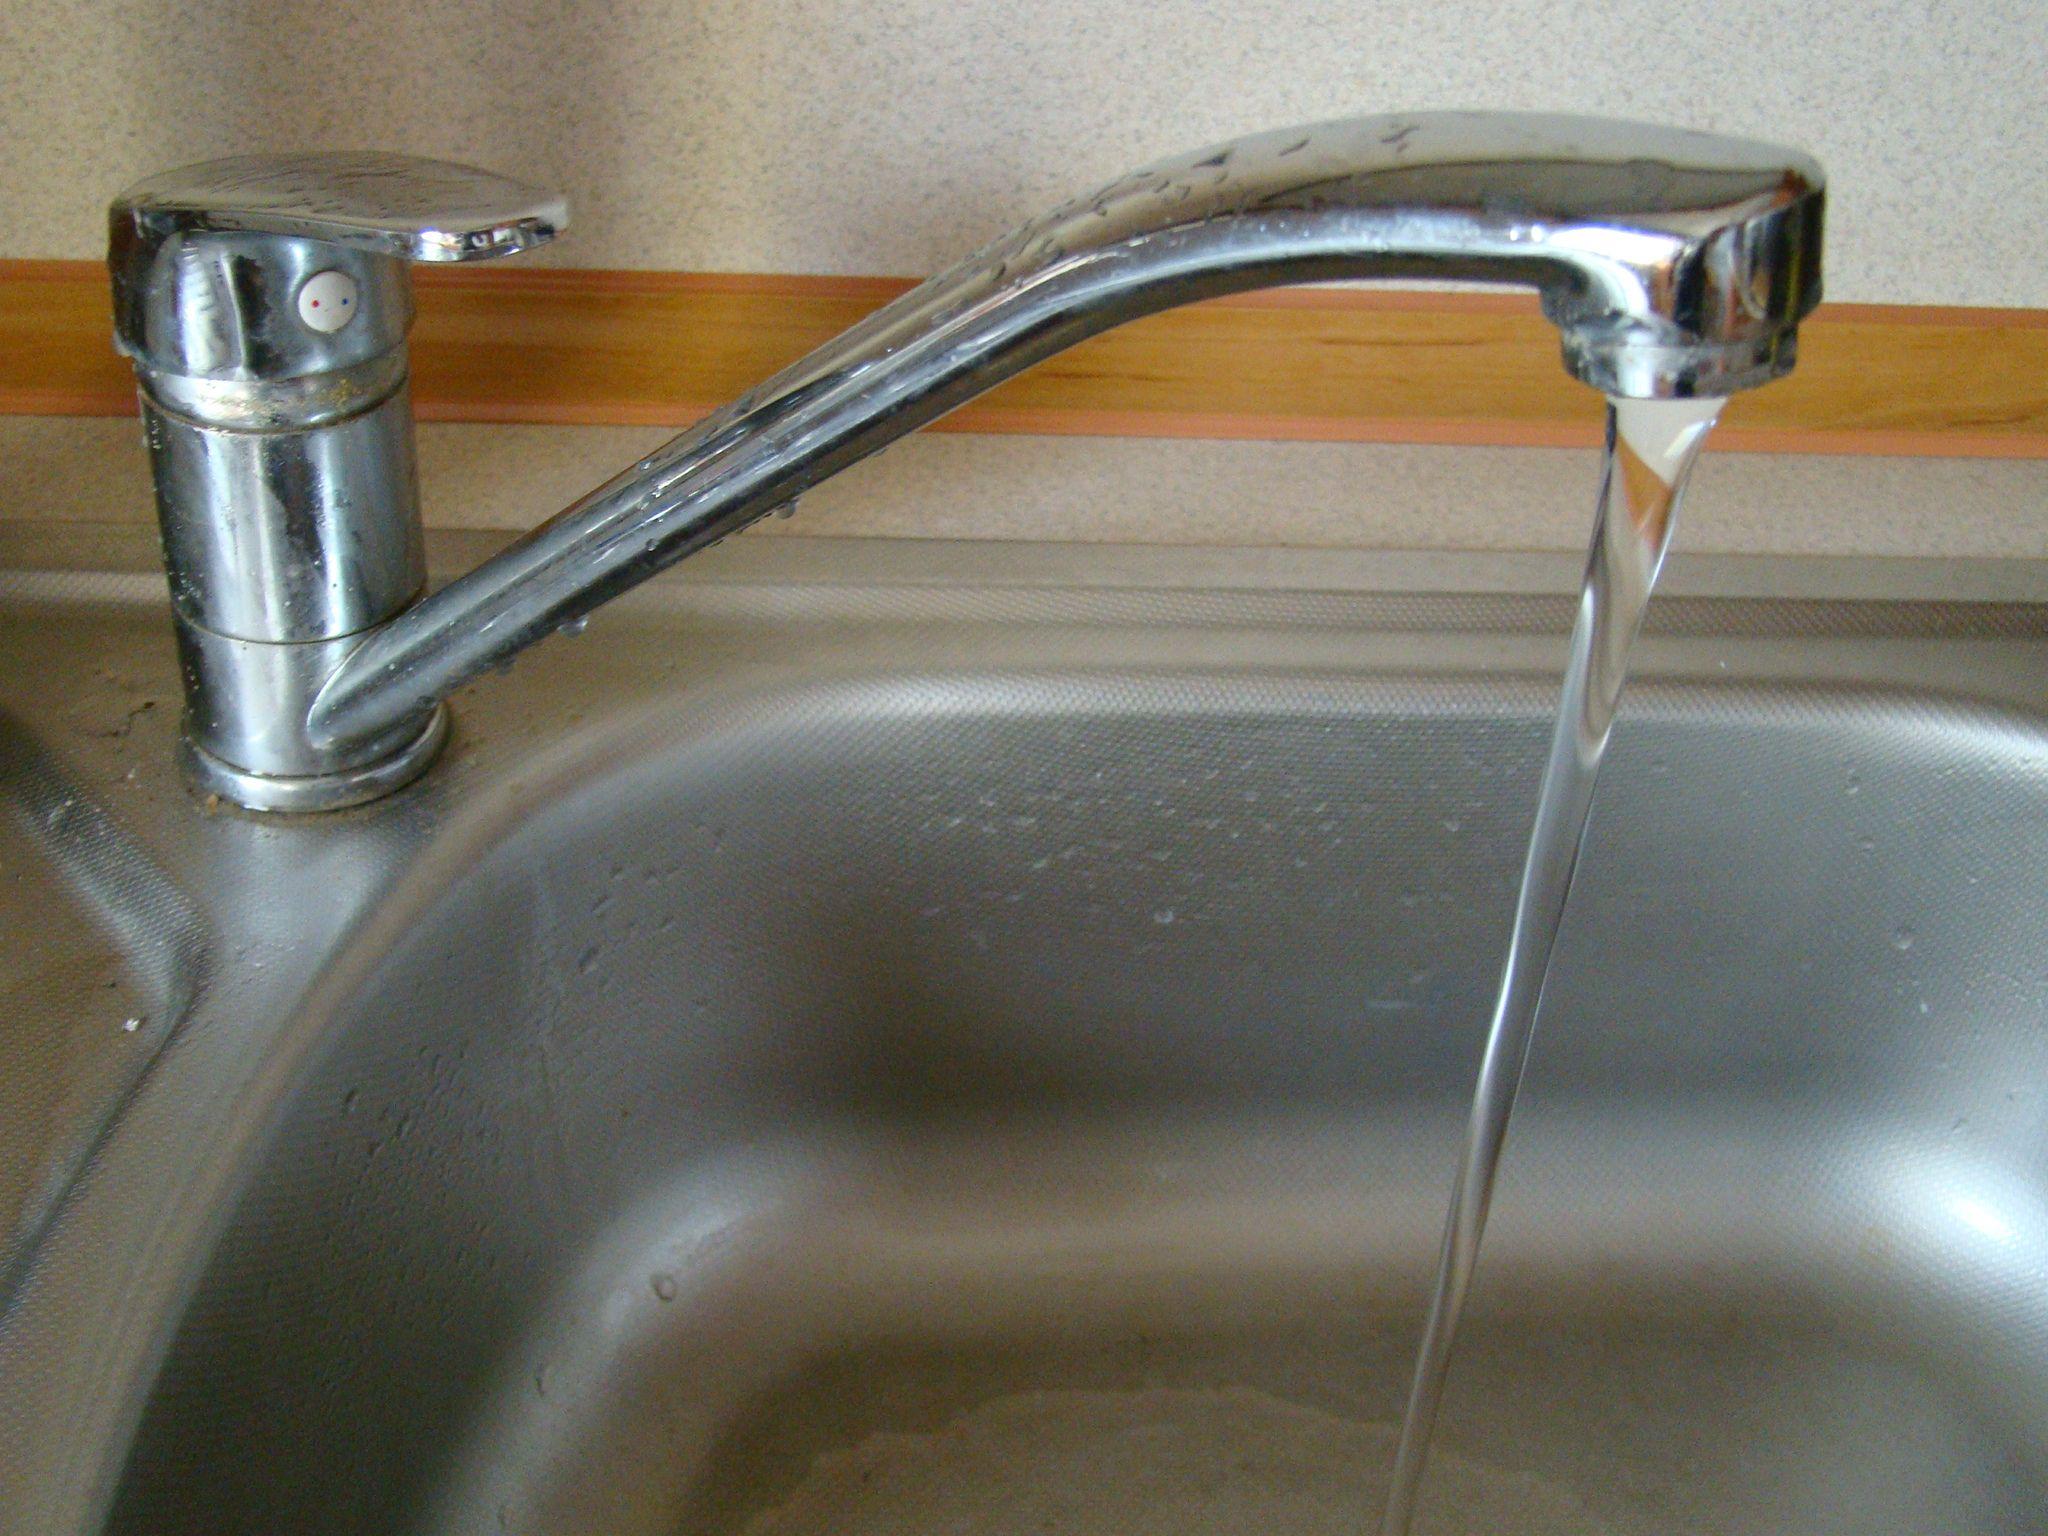 Śmieci droższe od kwietnia, a tymczasem kolejna podwyżka jest już przesądzona - za wodę i ścieki